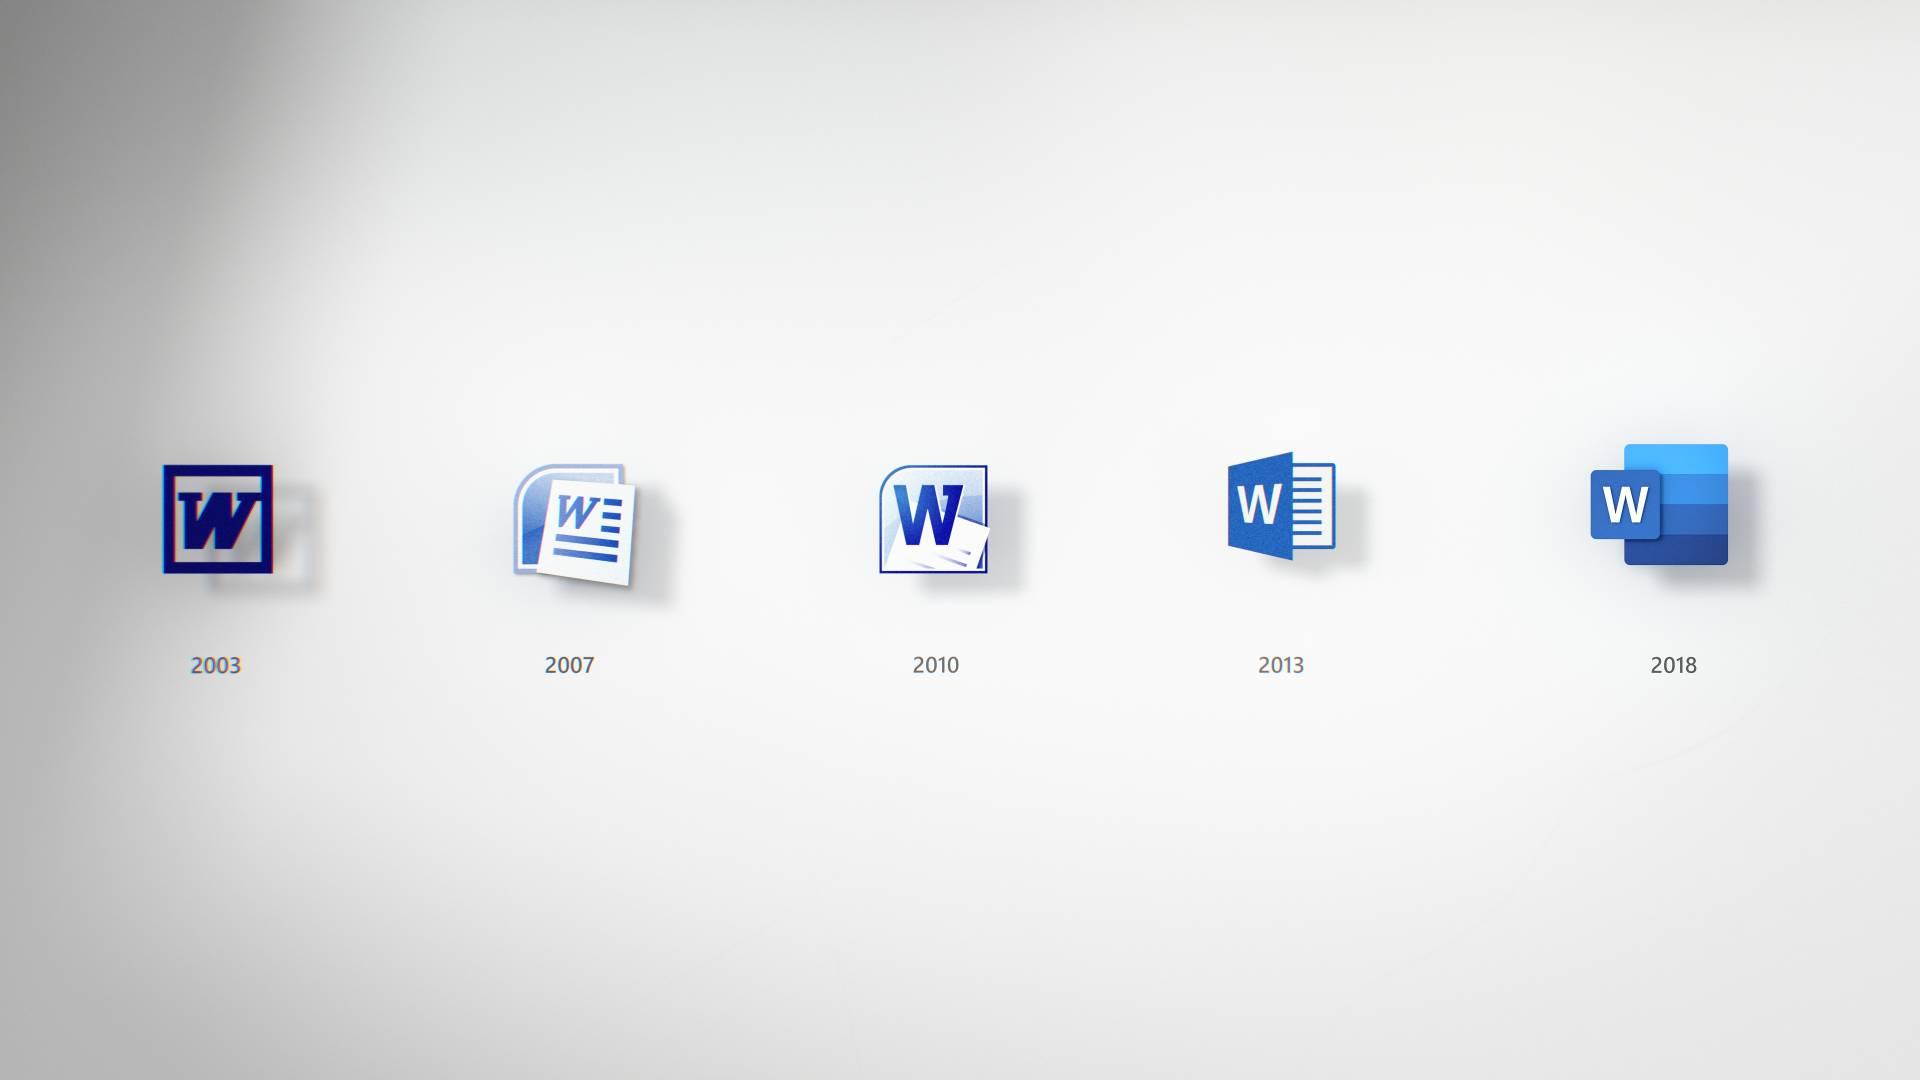 Evolución de los iconos de Office desde 2003 hasta 2018